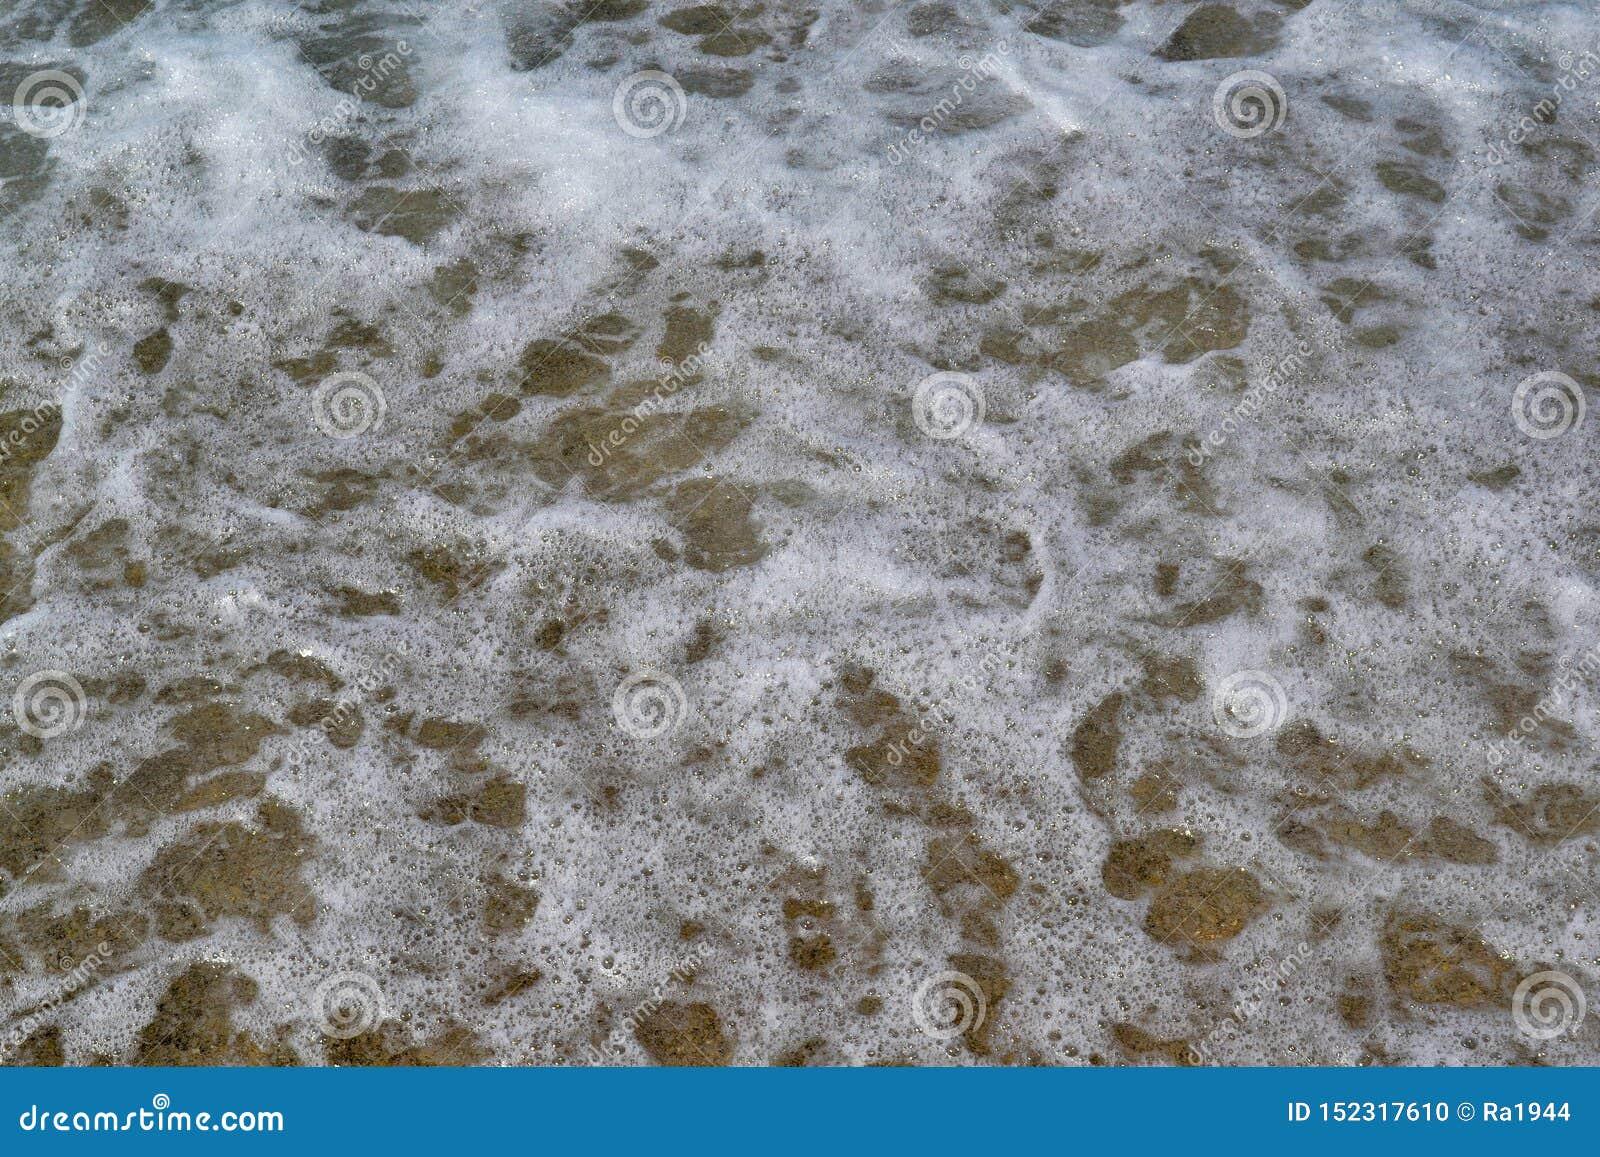 Темносиняя бурная поверхность морской воды с картиной пены и волн, фото естественной предпосылки